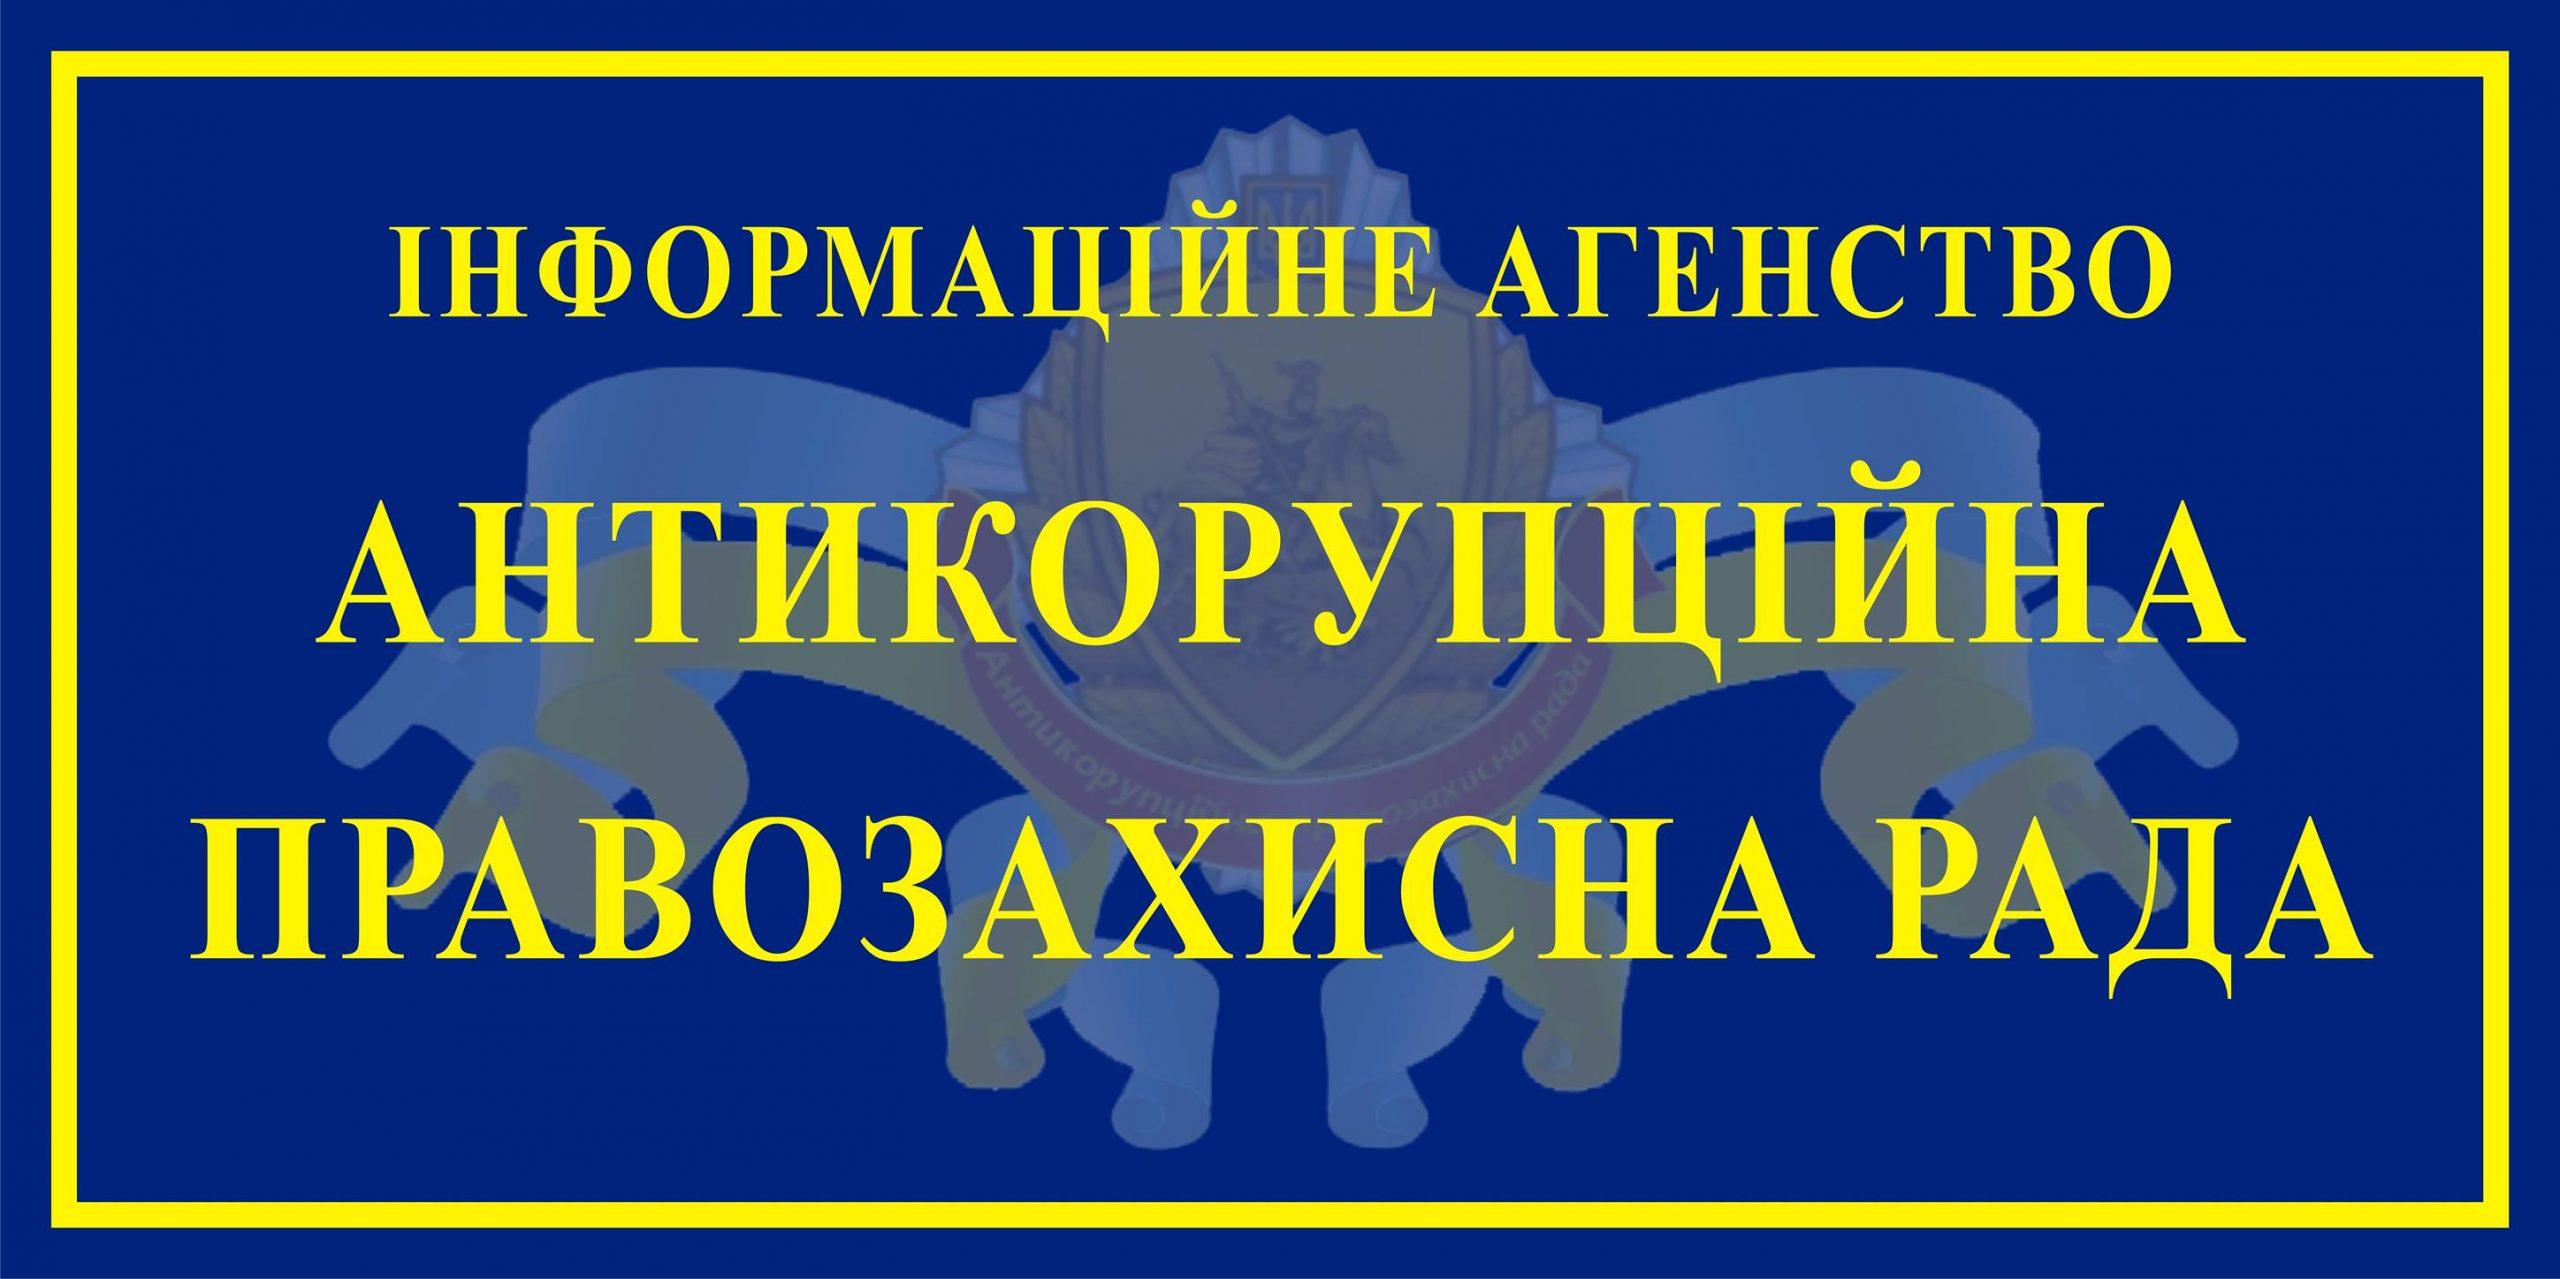 Наша команда-Антикорупційна правозахисна рада